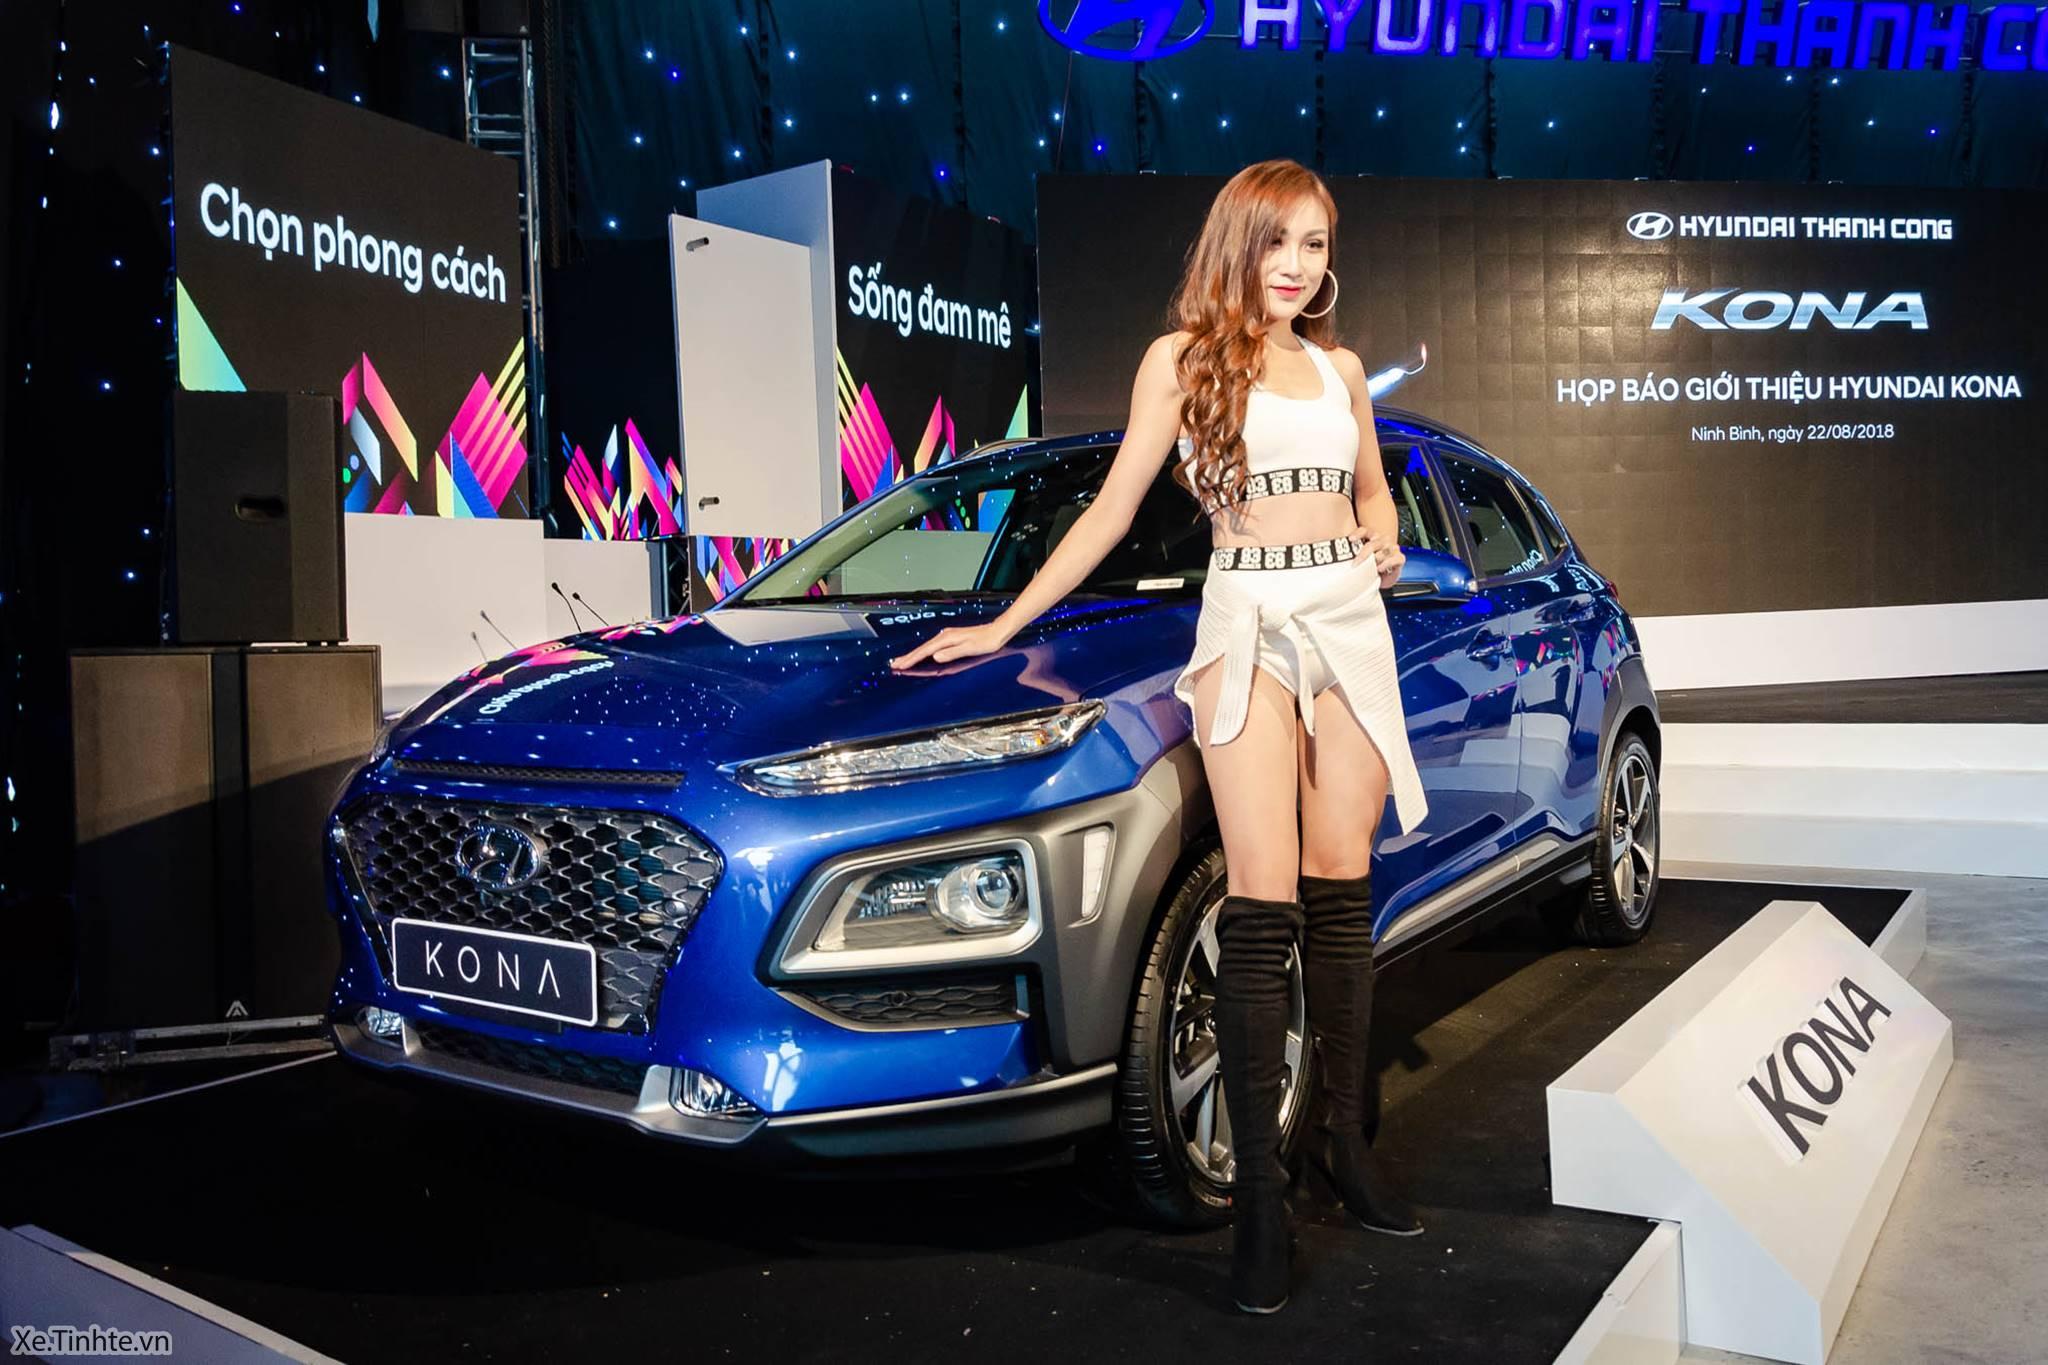 Hyundai_Kona_2018_Xe_Tinhte_002.jpg